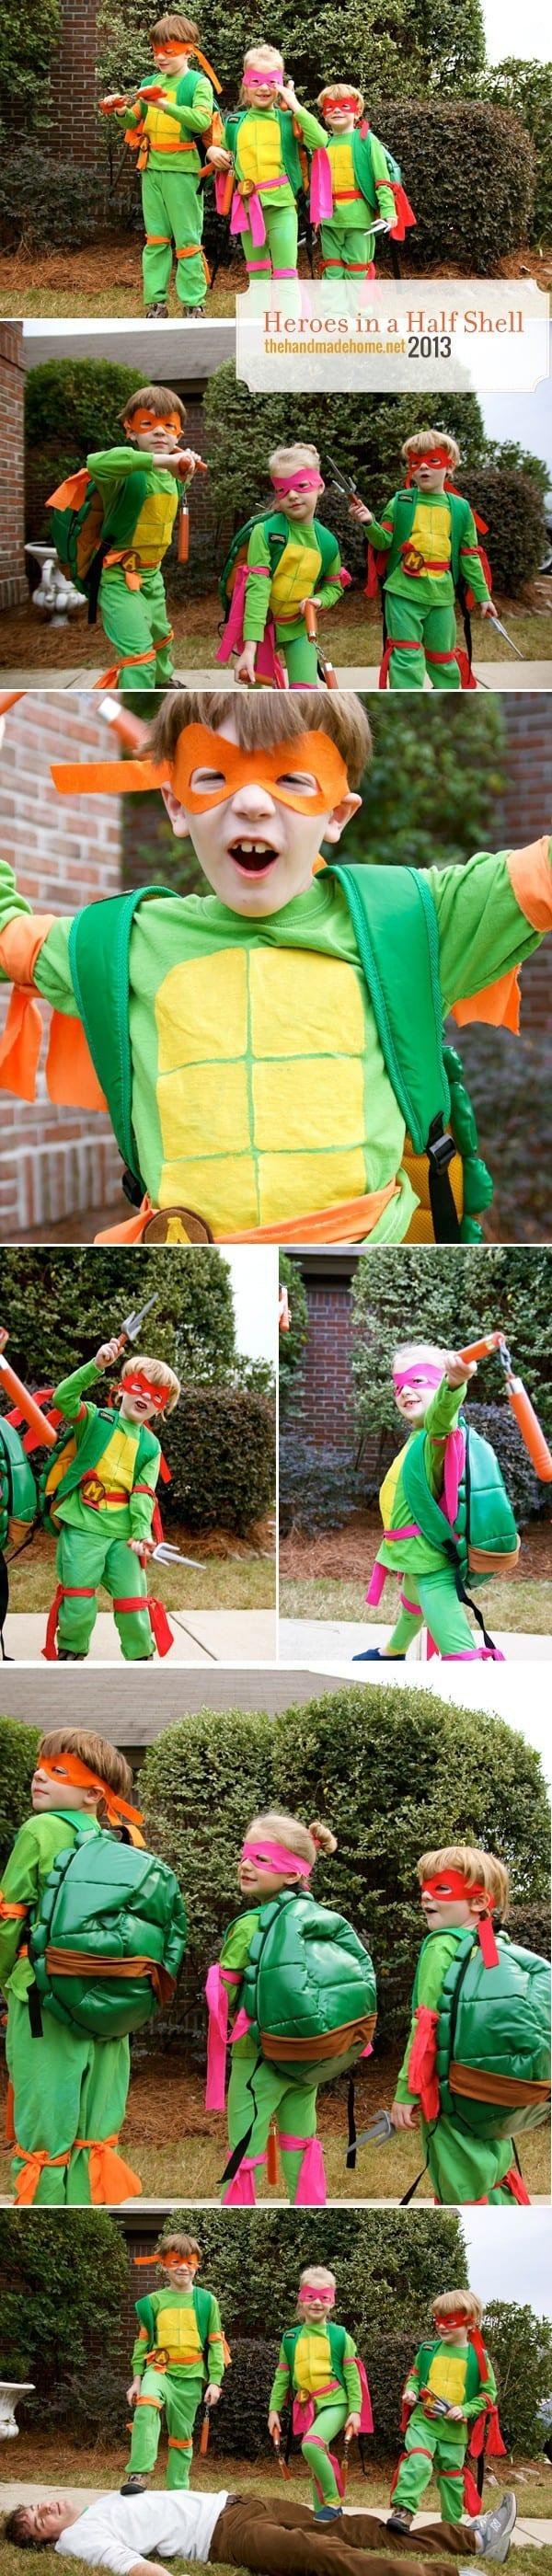 teenage_mutant_ninja_turtles_costumes